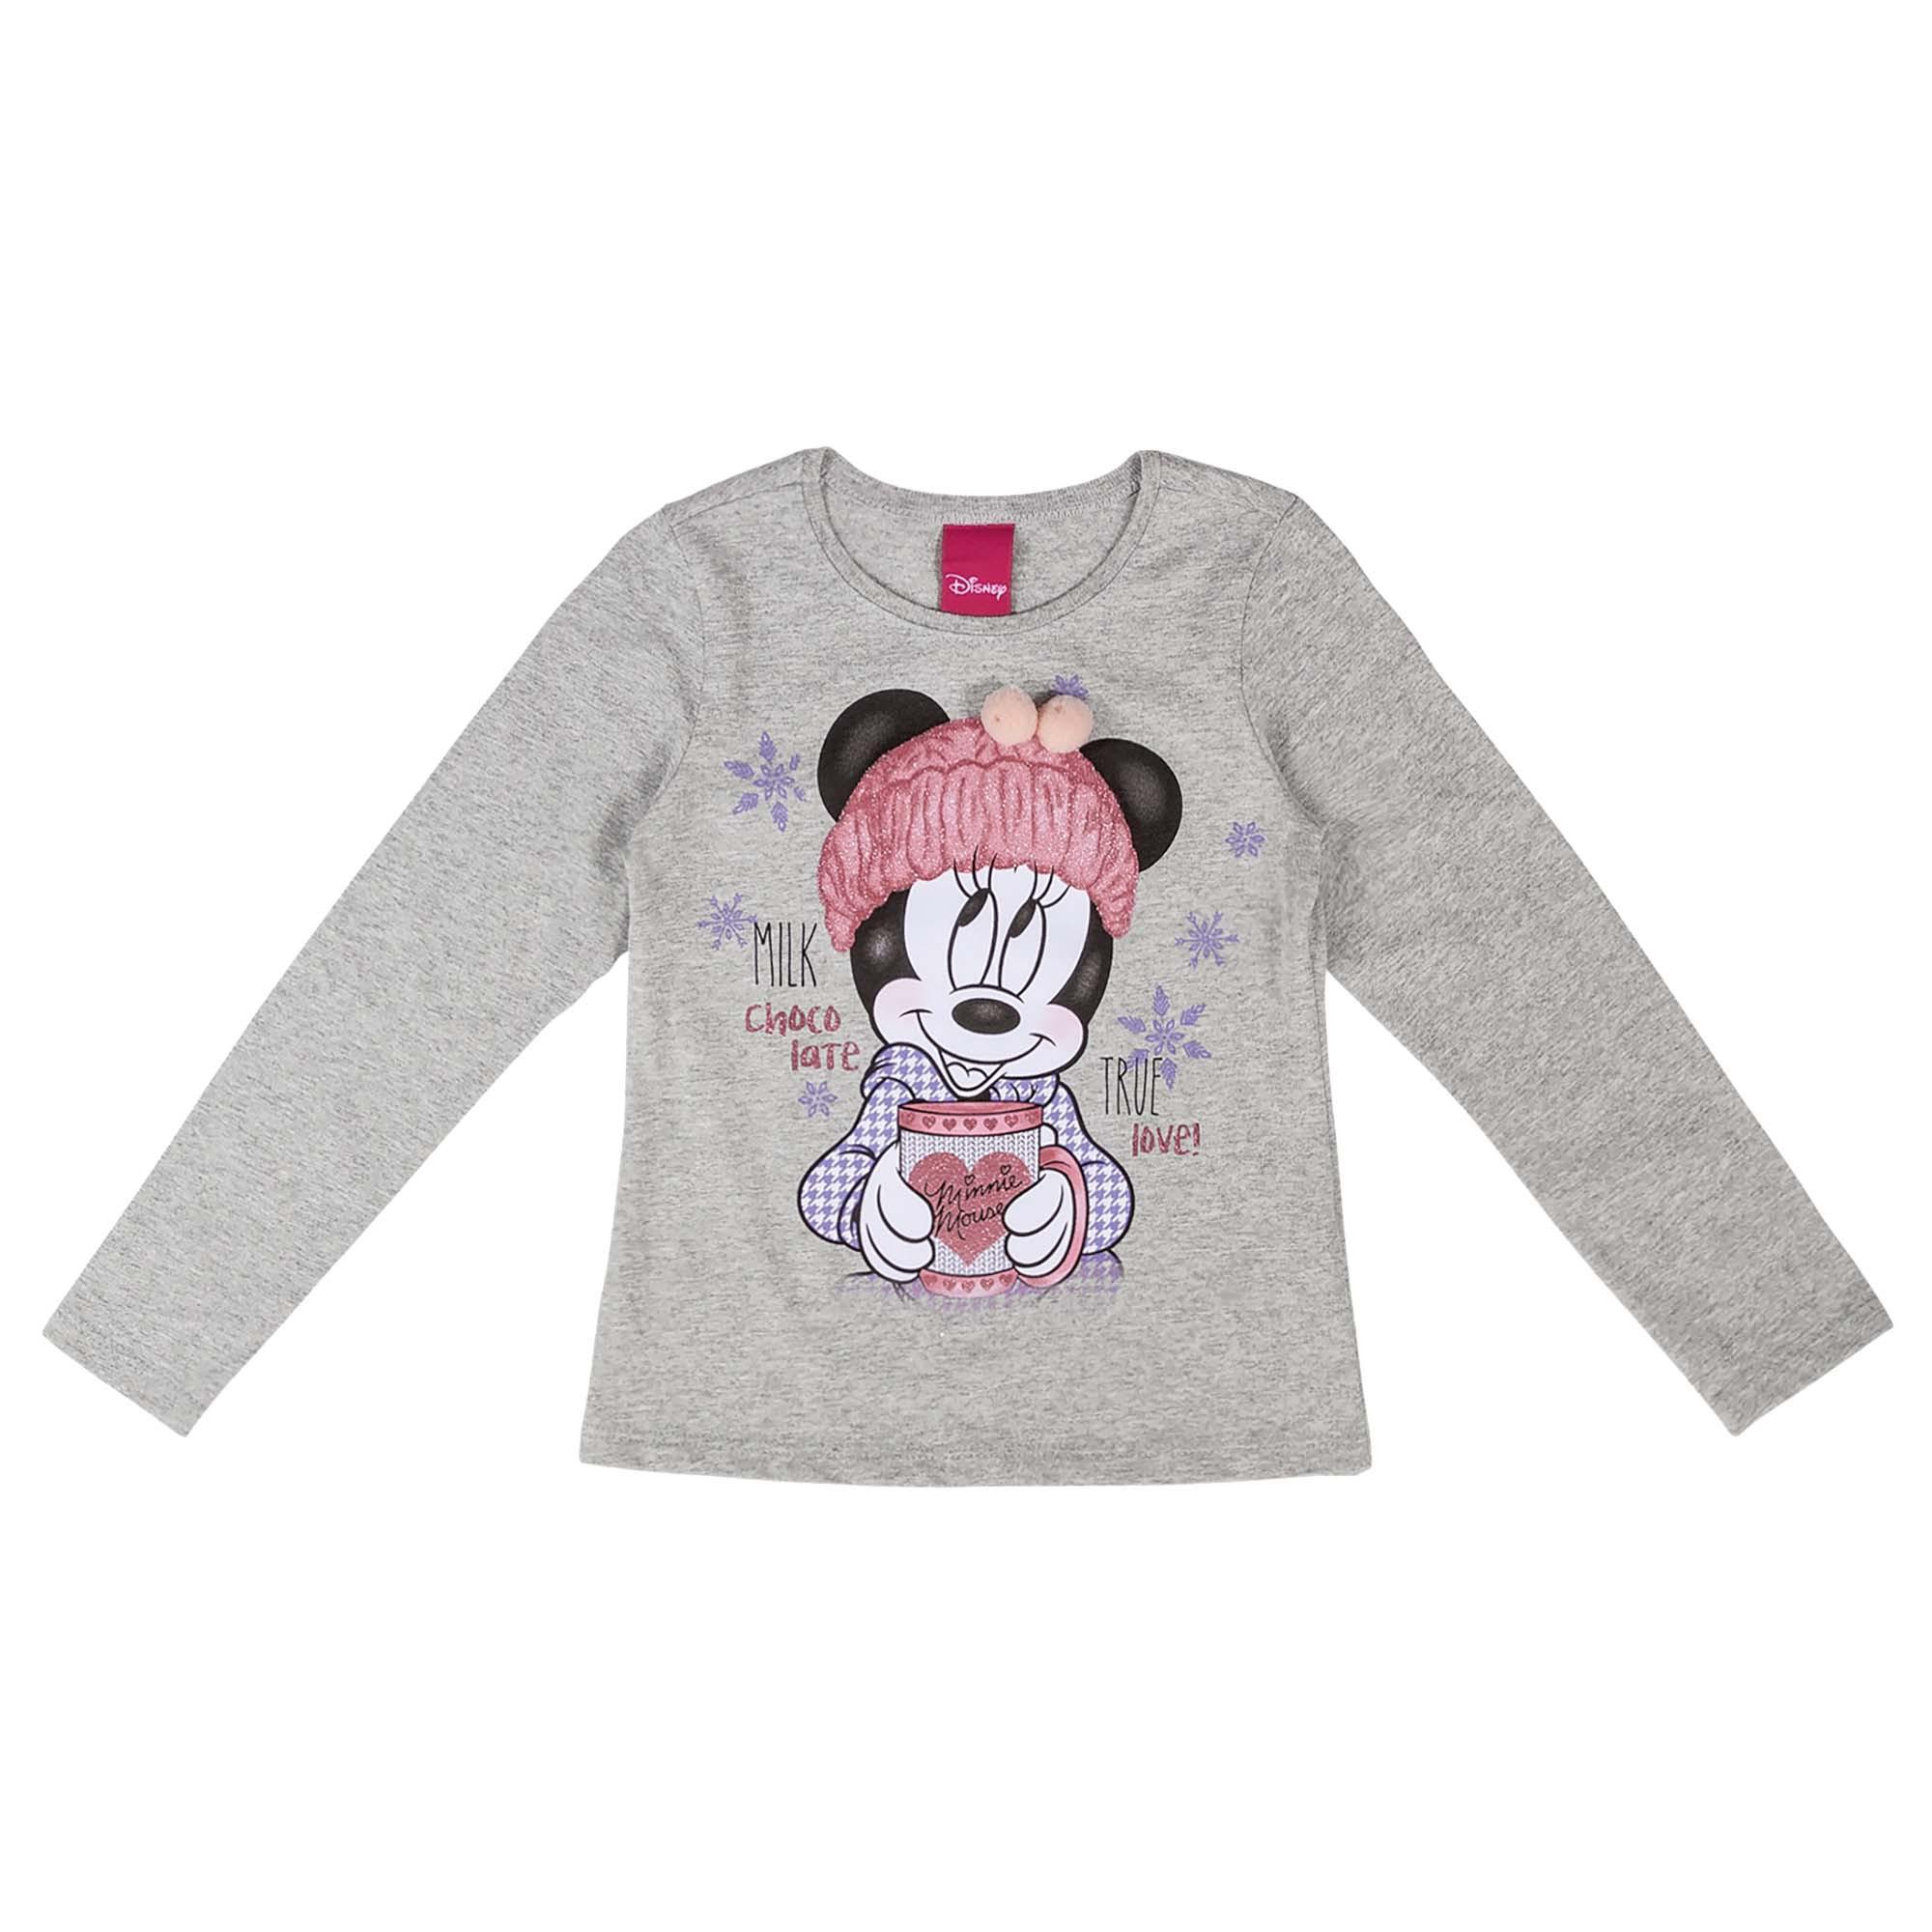 Blusa Manga Longa Cativa Estampa Glitter Minnie com Copo e Gorro com Pompom Decorativo - 4 ao 10